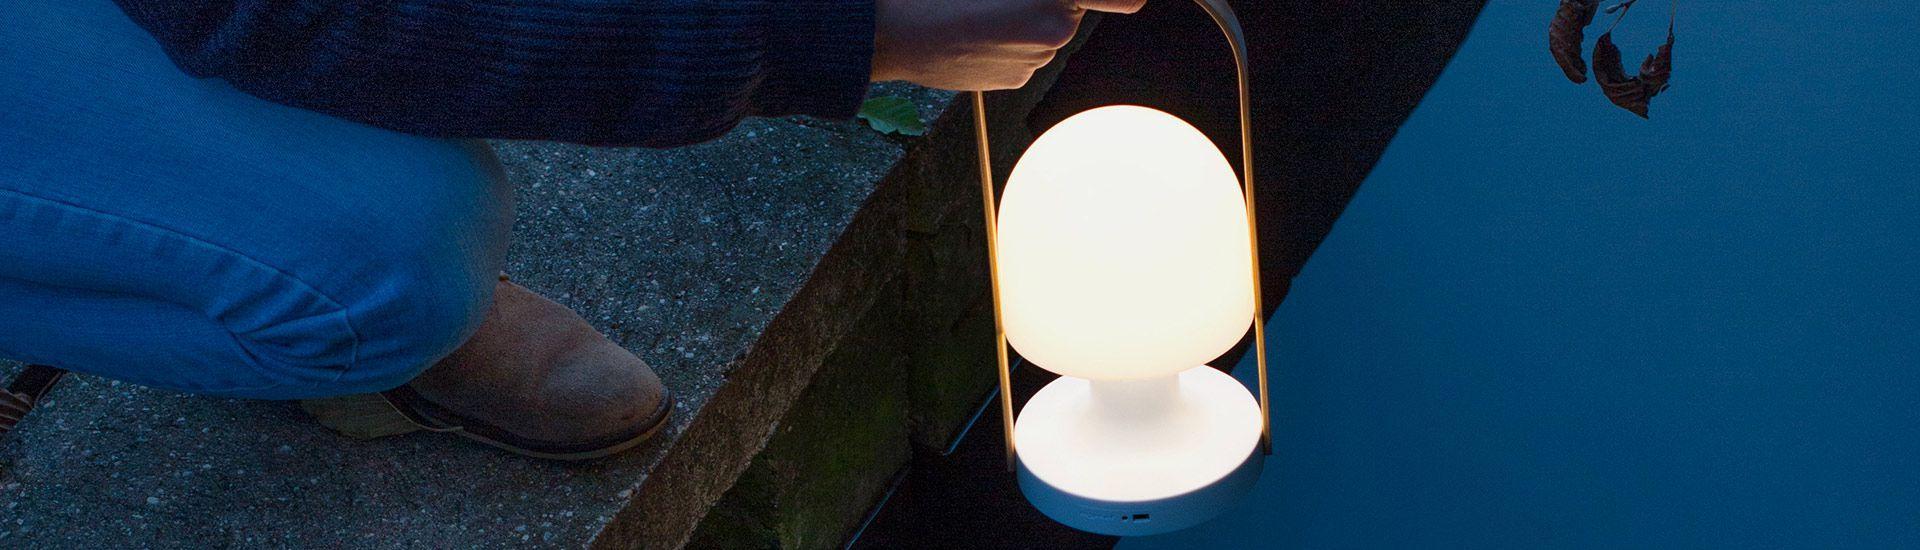 Follow Me Lampe portative LED 3,2W 2700K 240lm Blanc